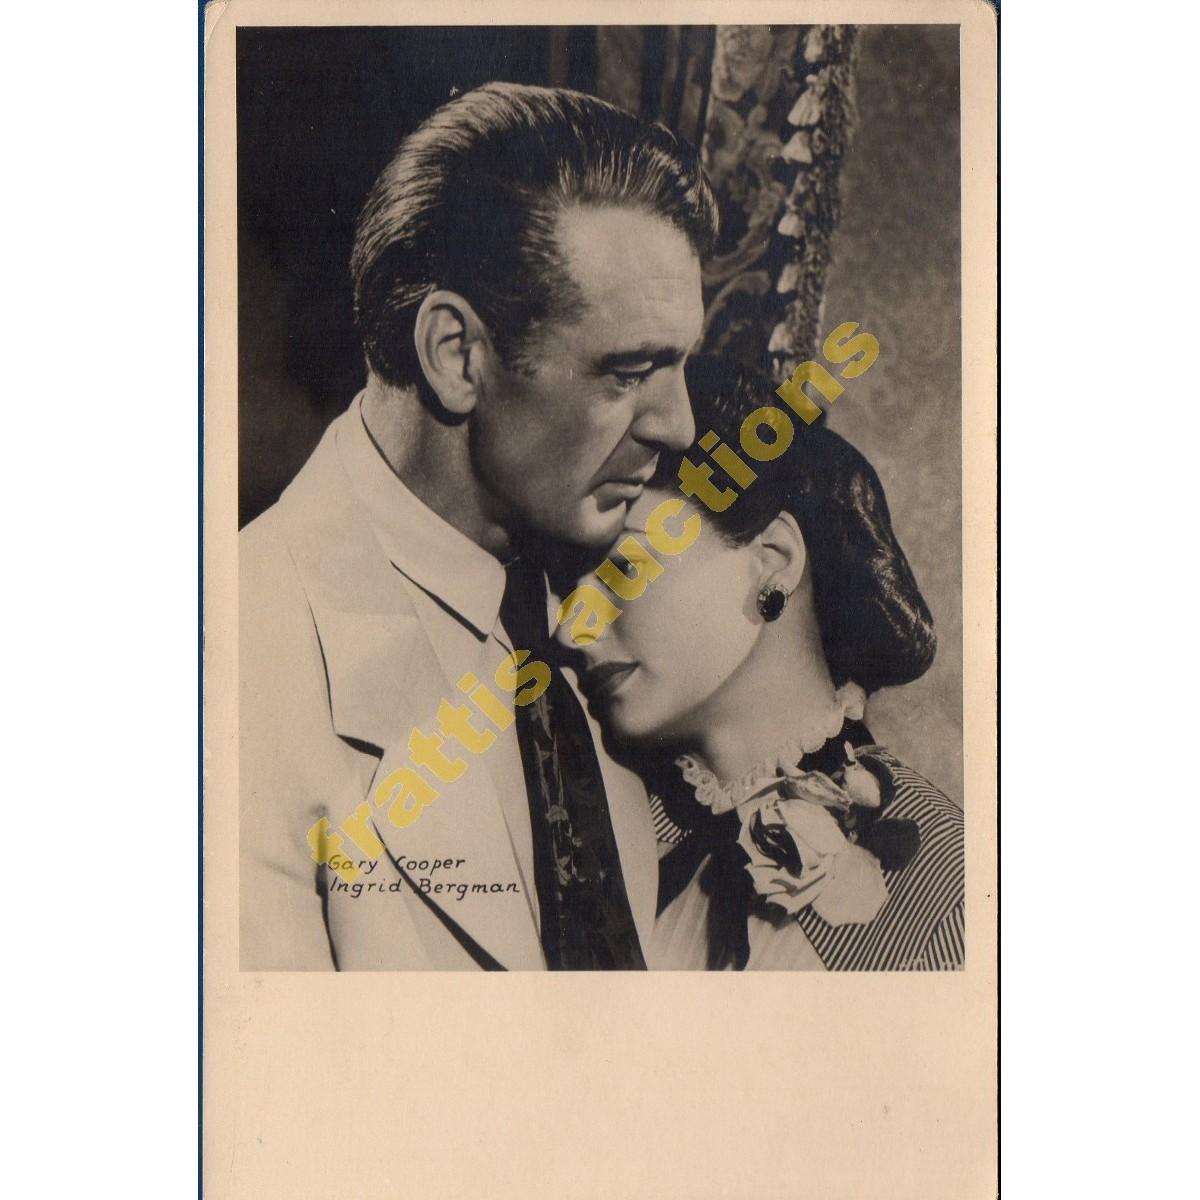 Φωτογραφία -καρτ ποστάλ του Γκάρυ Κούπερ και της Ίνγκριντ Μπέργκμαν.